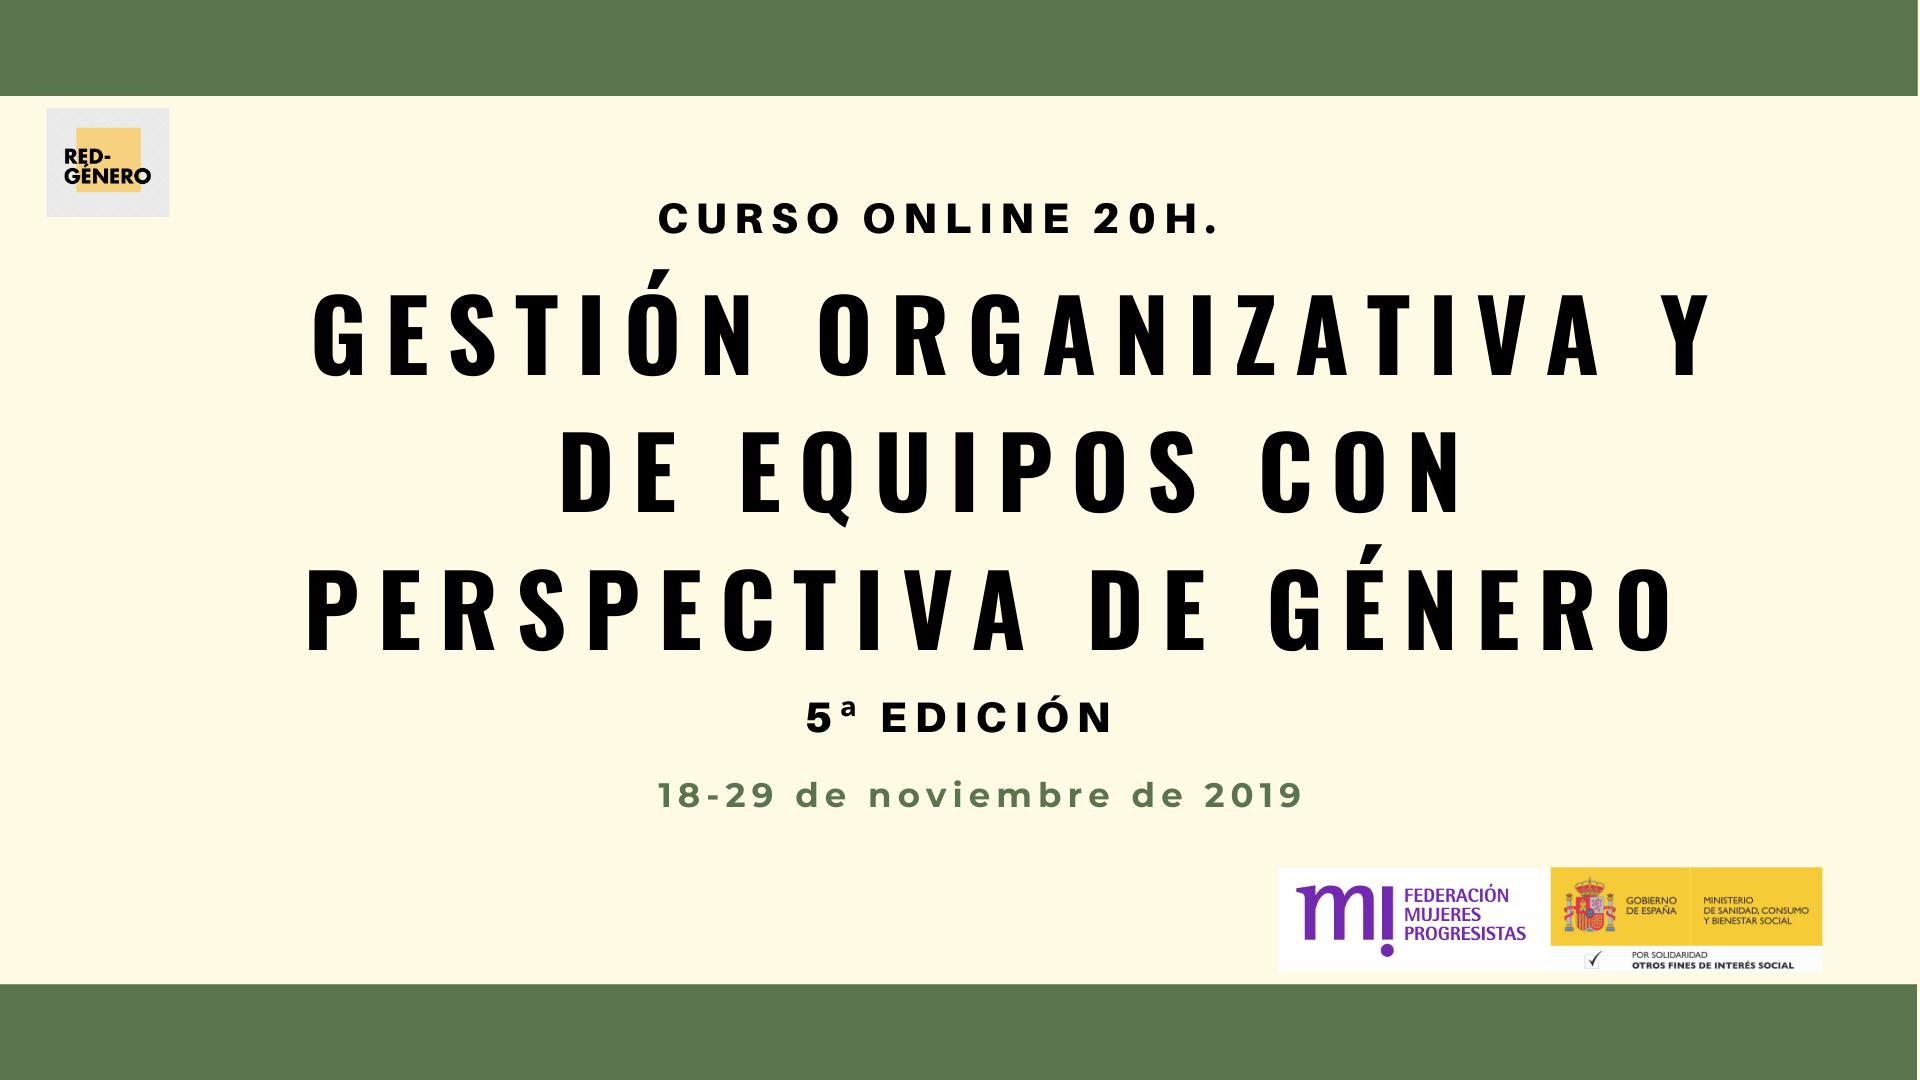 Course Image 5ª Edición. Gestión organizativa y de equipos con perspectiva de género